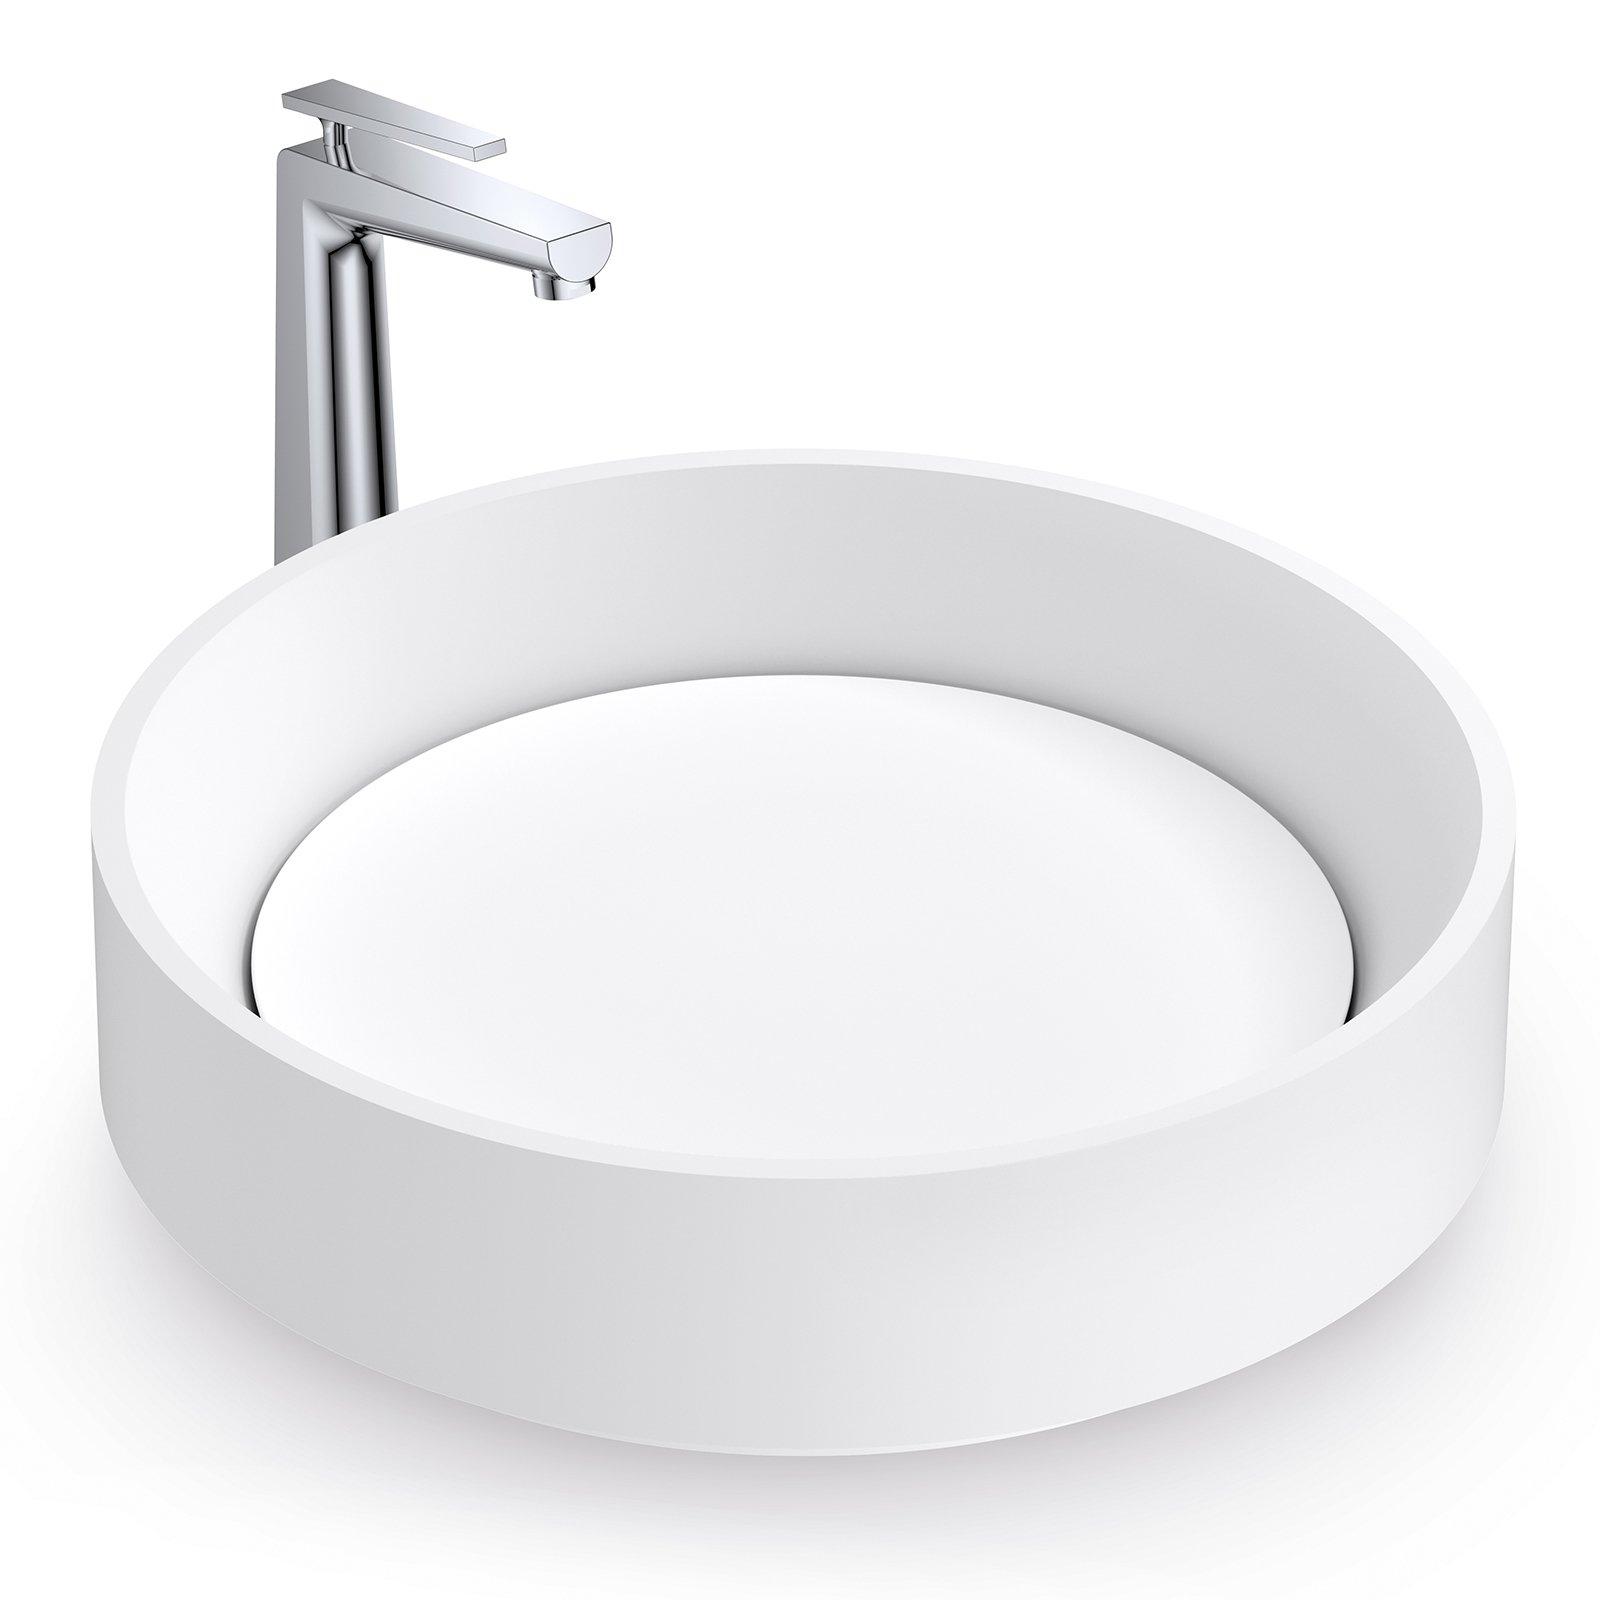 Aufsatzwaschbecken NT2430 aus Mineralguss - 42 x 42 x 11 cm - Weiß matt zoom thumbnail 4